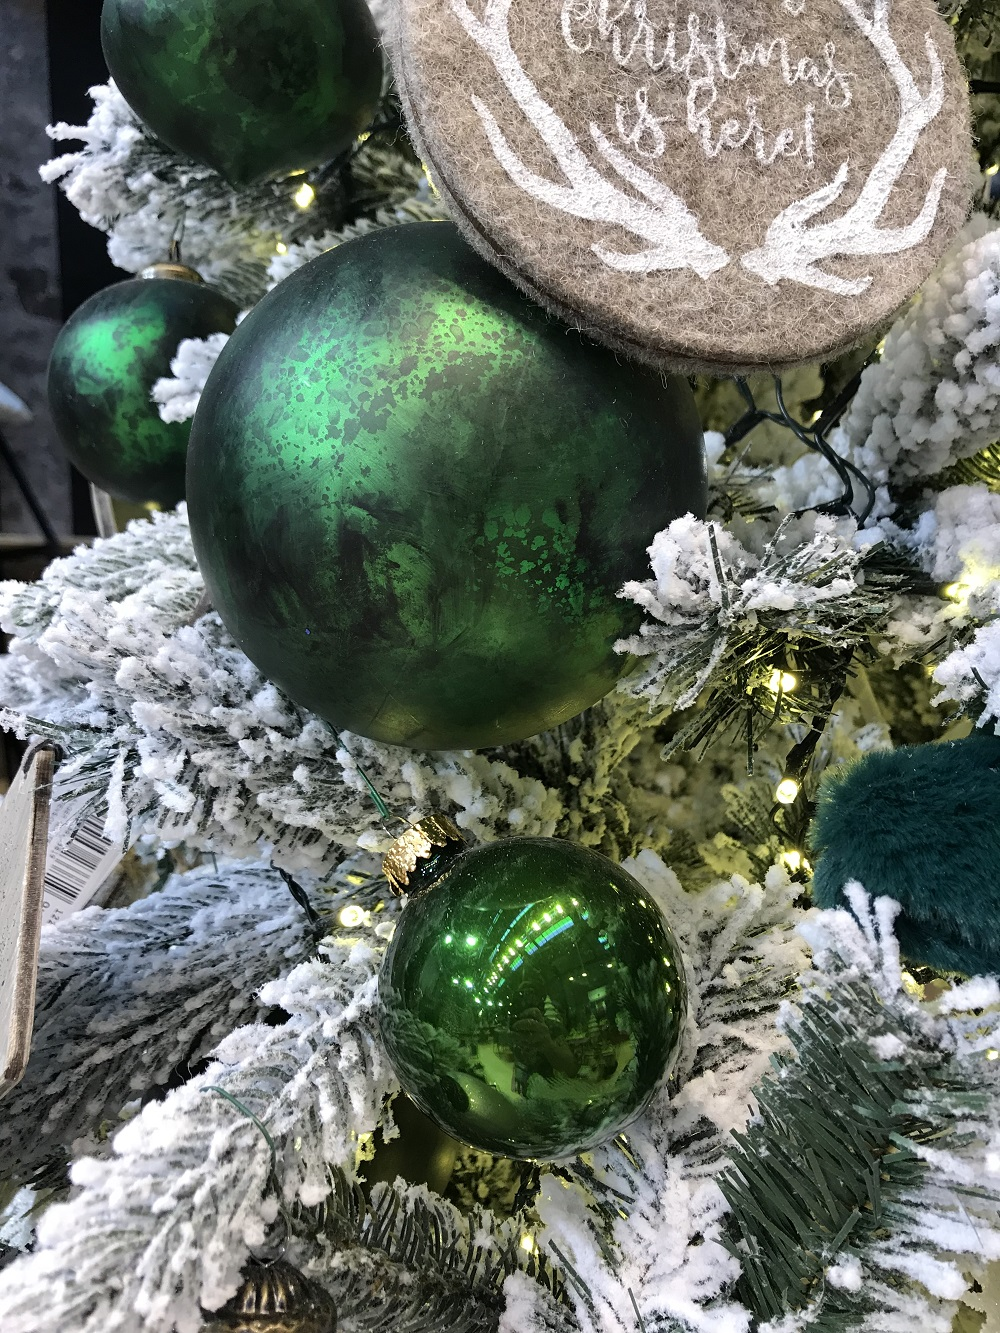 joulun 2018 trendit Joulun 2018 trendit   Joulun Taikaa. . . joulun 2018 trendit